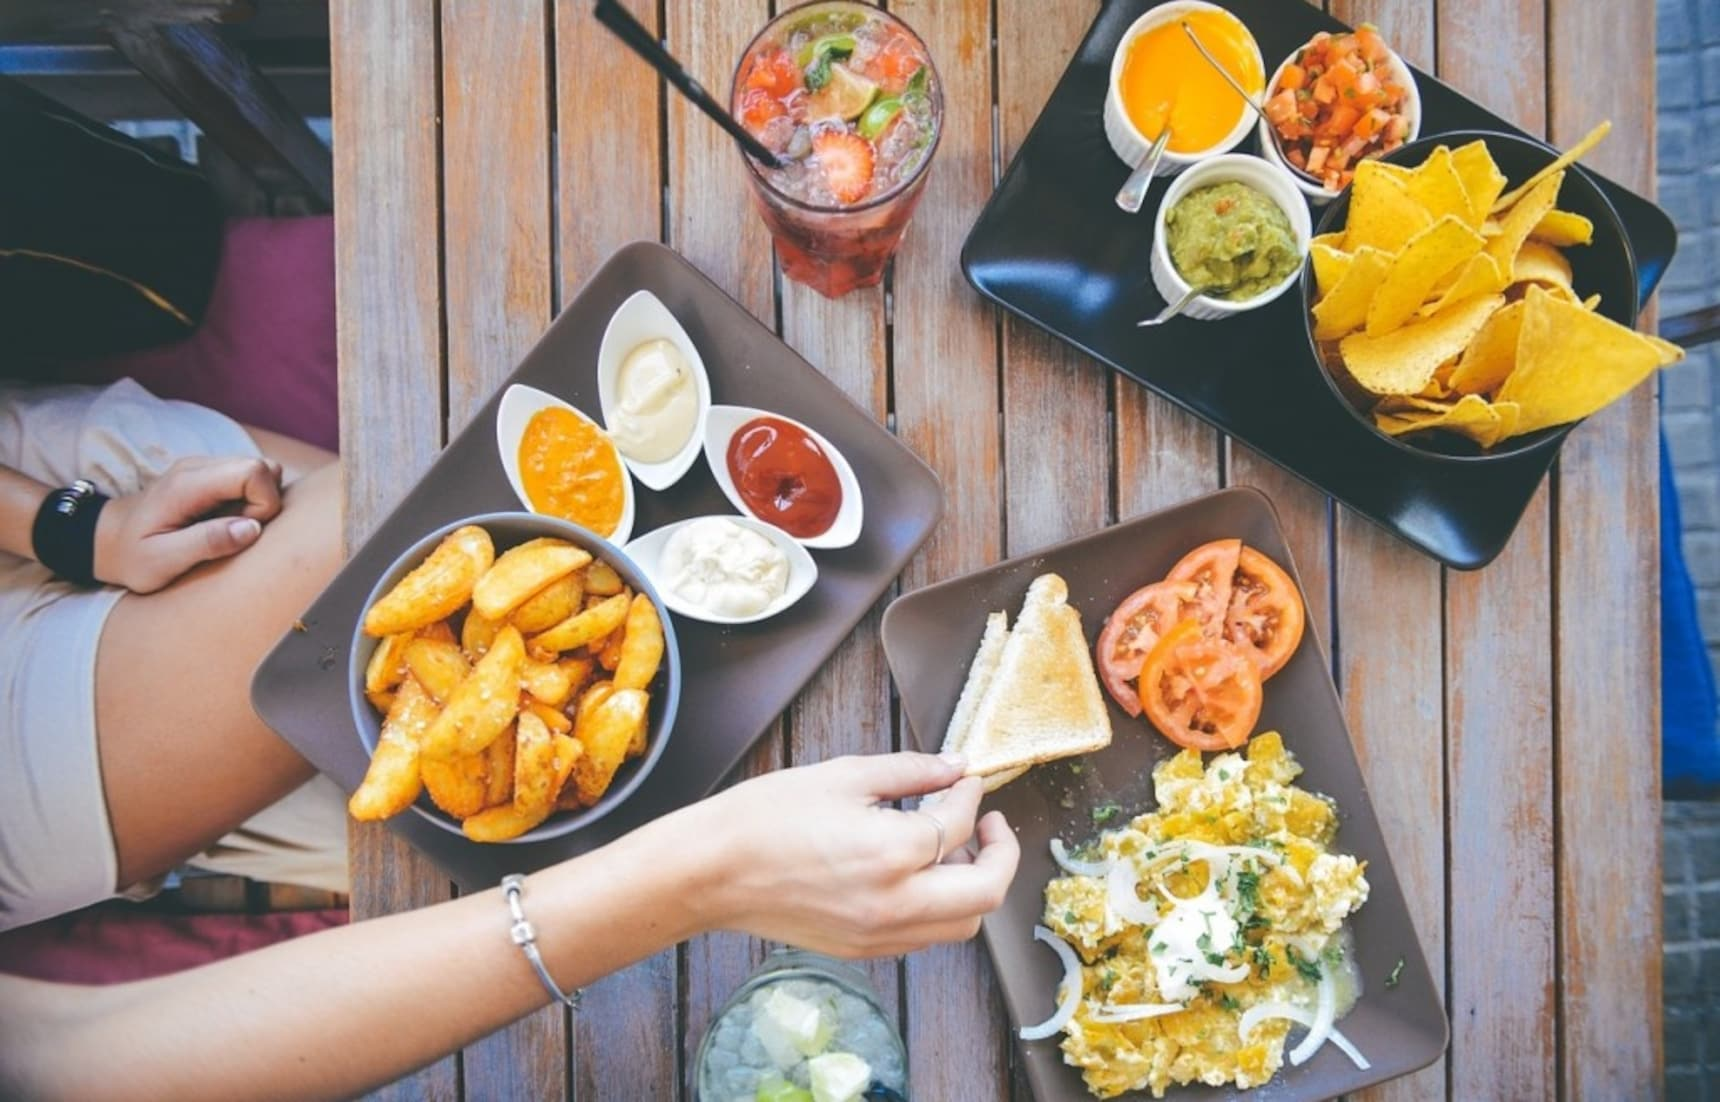 即使是減肥中,也可以去享用的4家東京餐廳